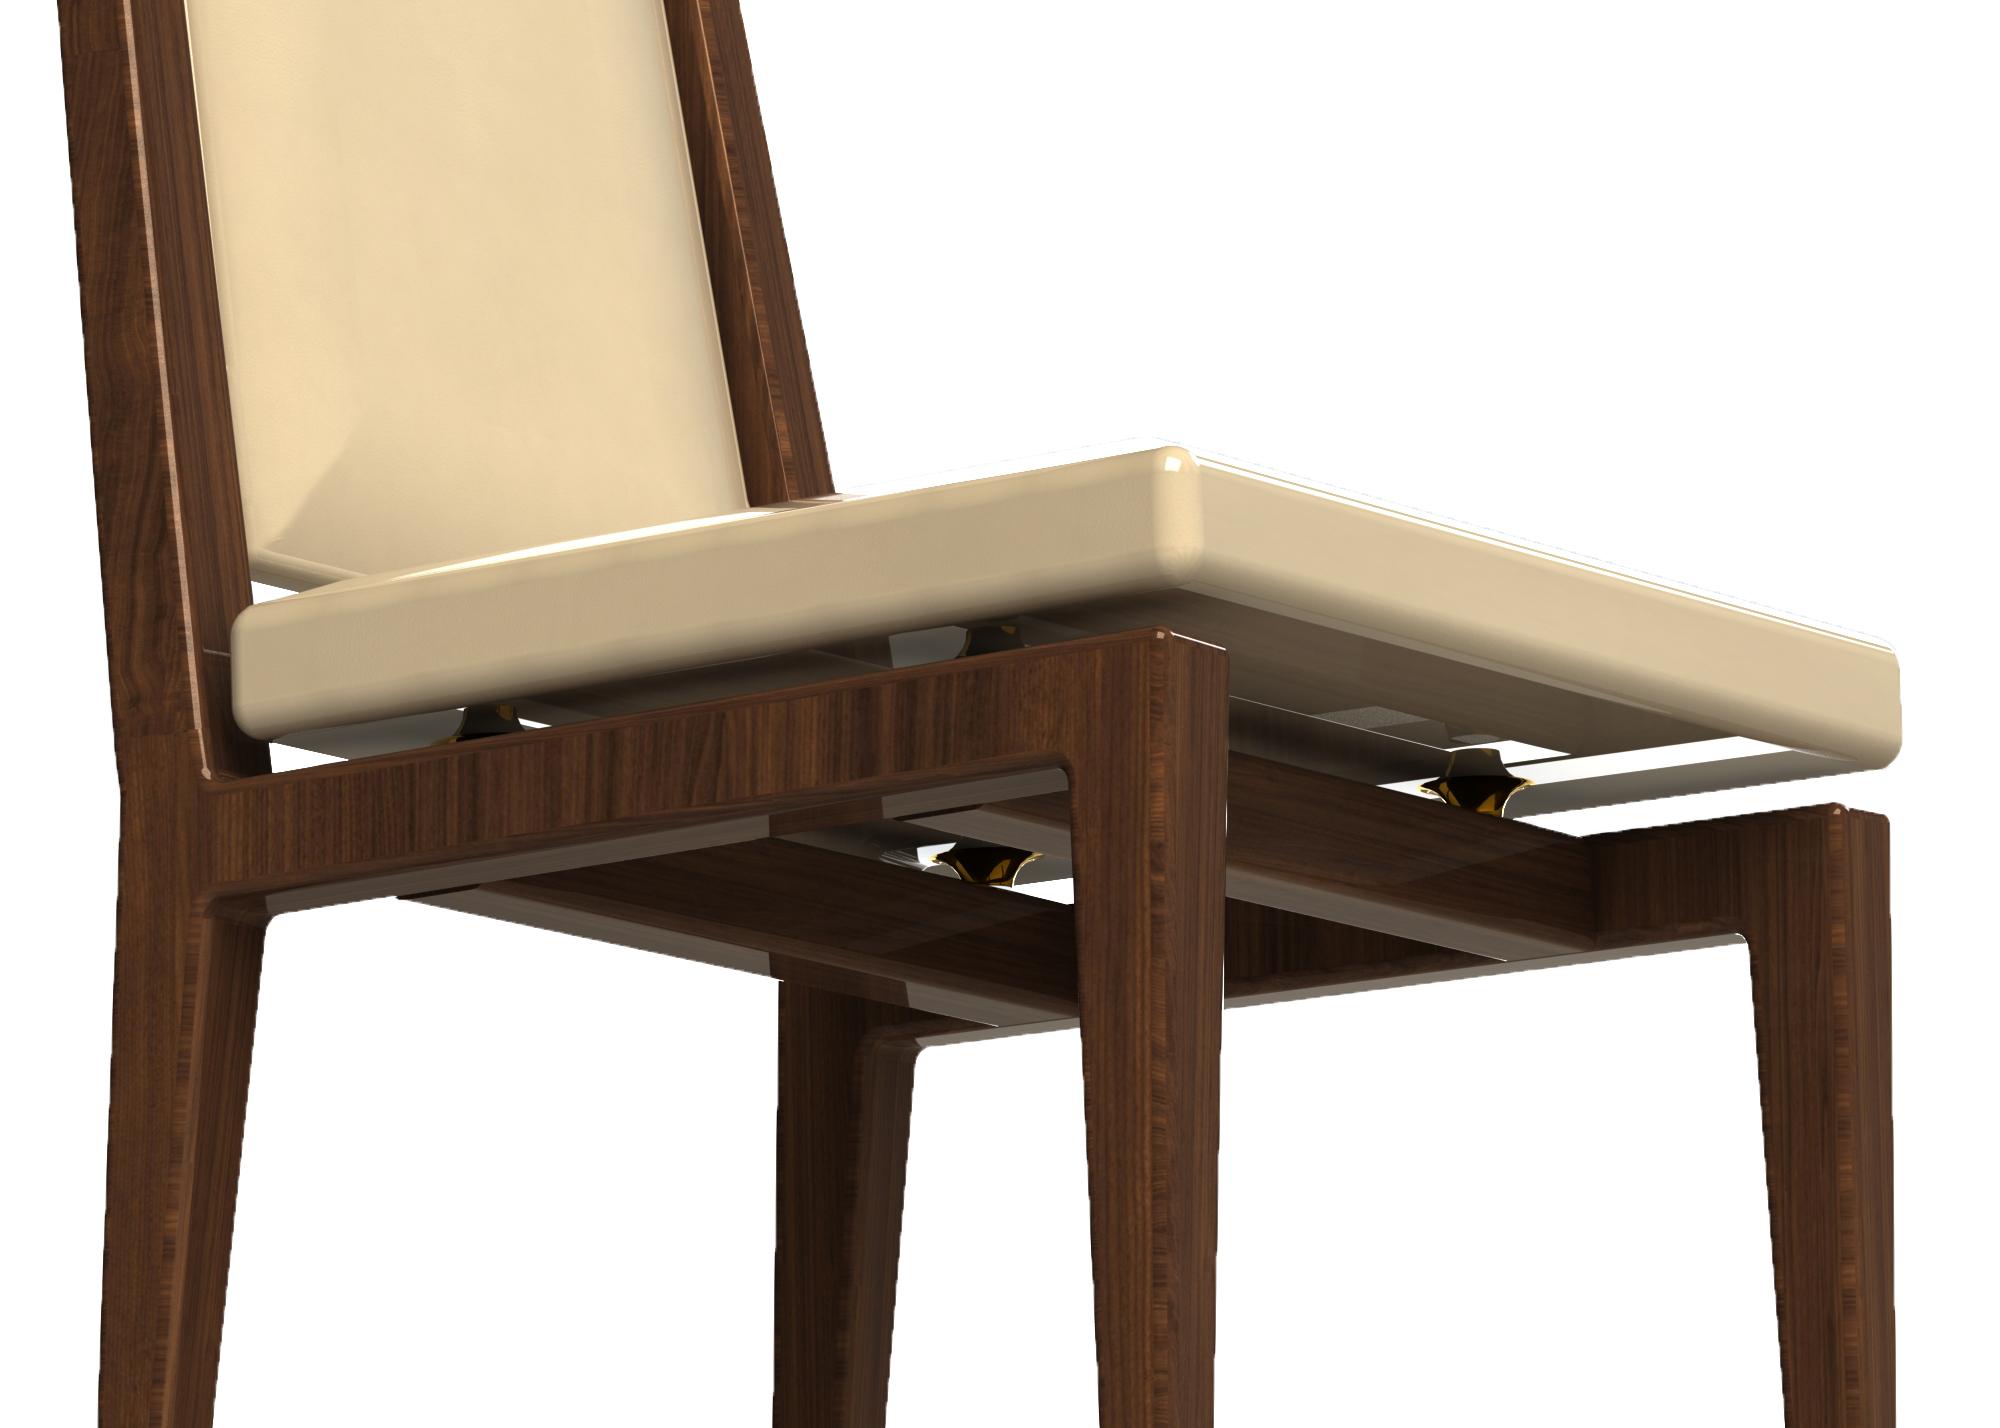 Mass_Chair_8.jpg